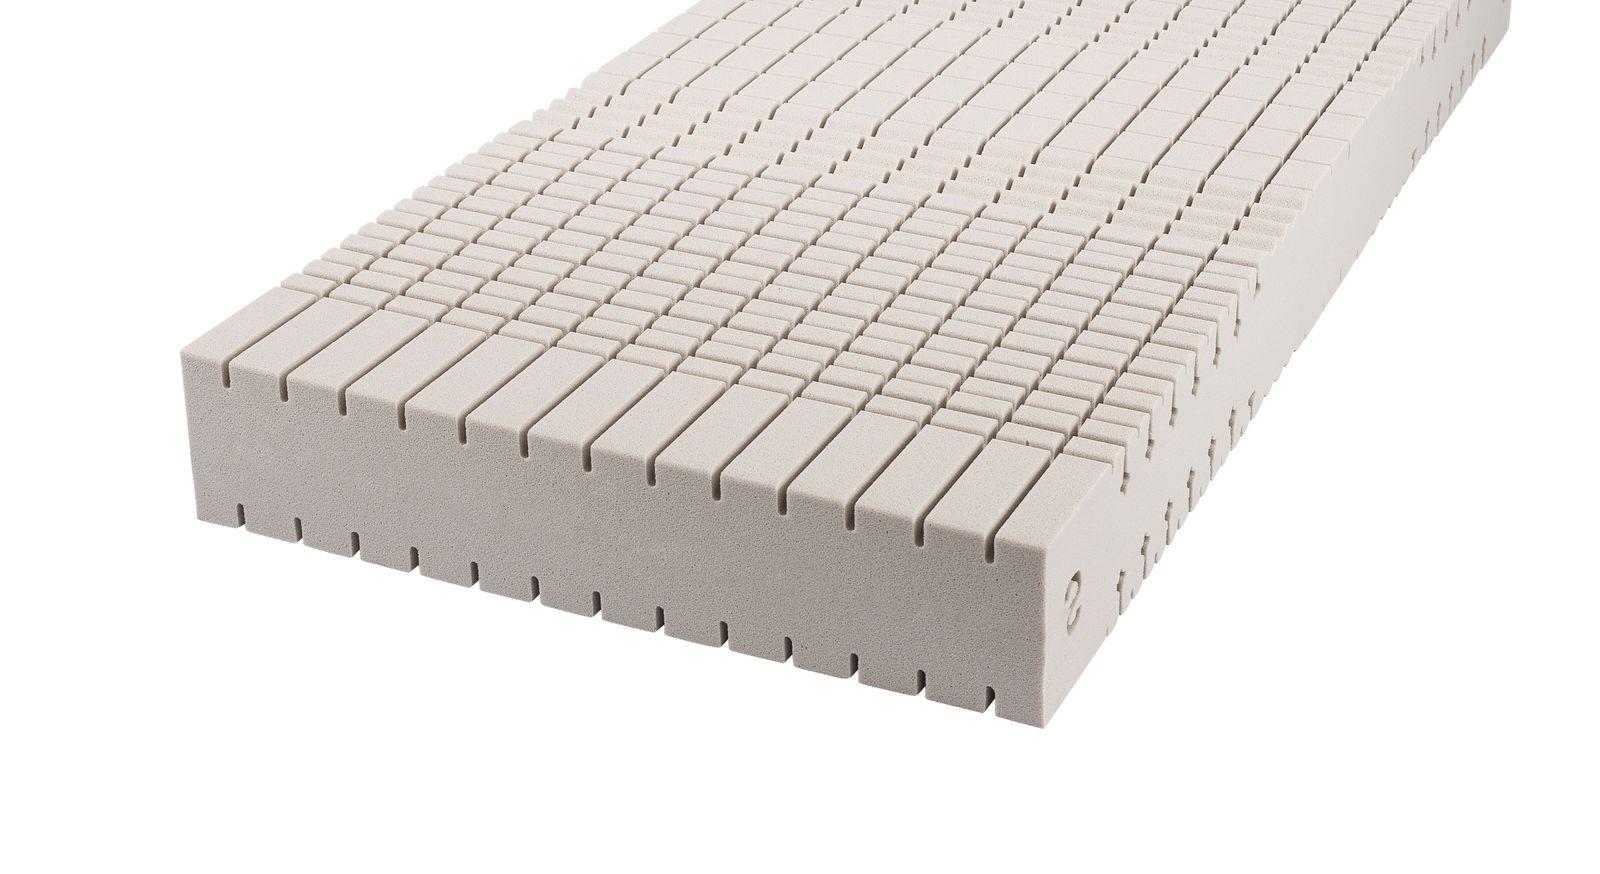 Kaltschaum-Matratze orthowell comfort mit ergonomischen Kern-Einschnitten